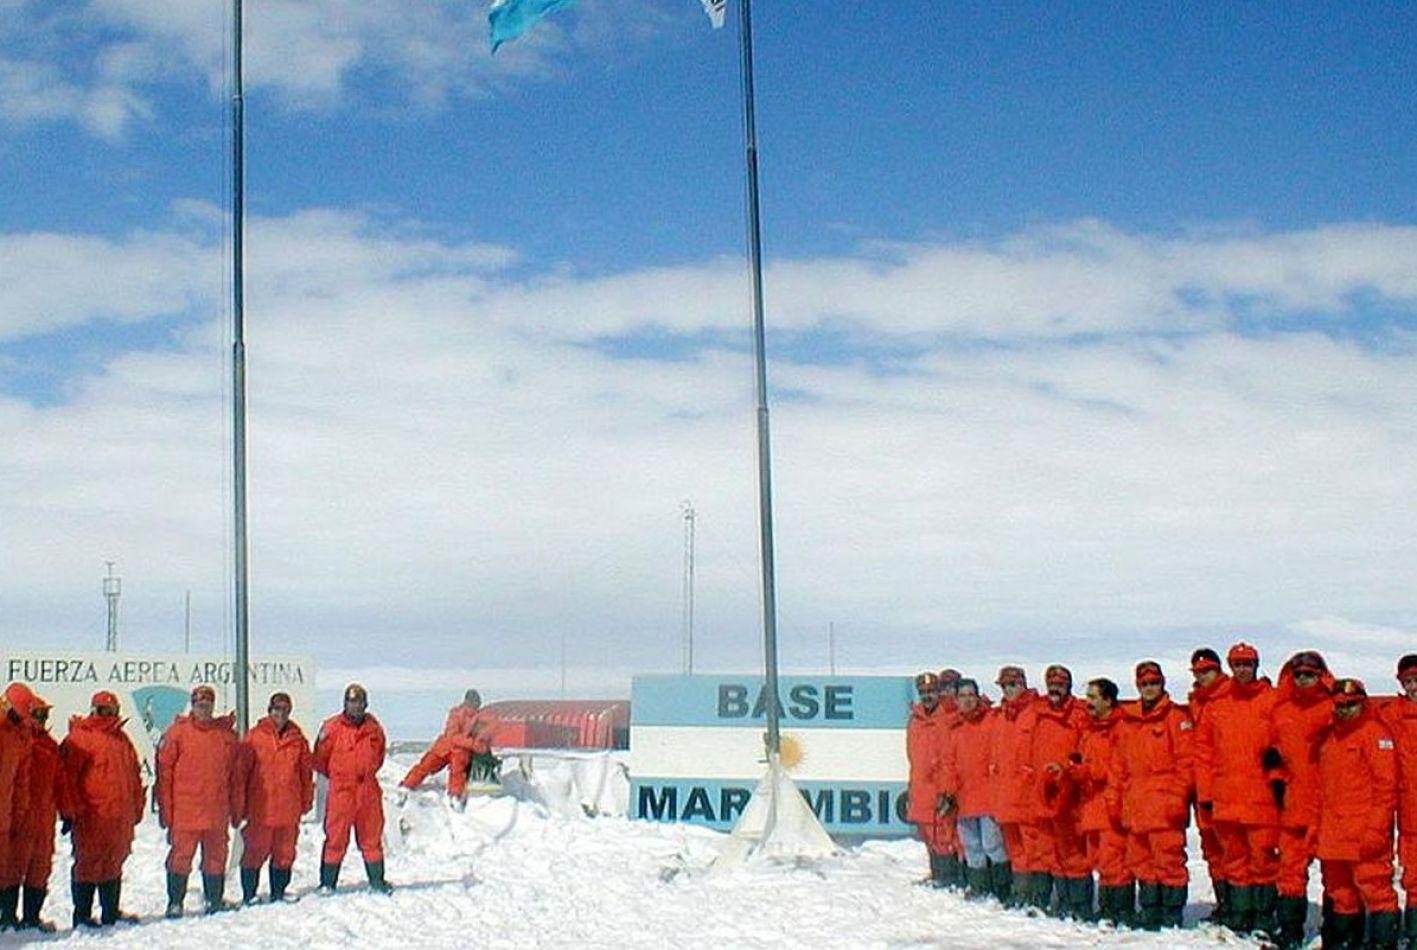 El Frente de Todos obtuvo solo 5 votos en la Antártida